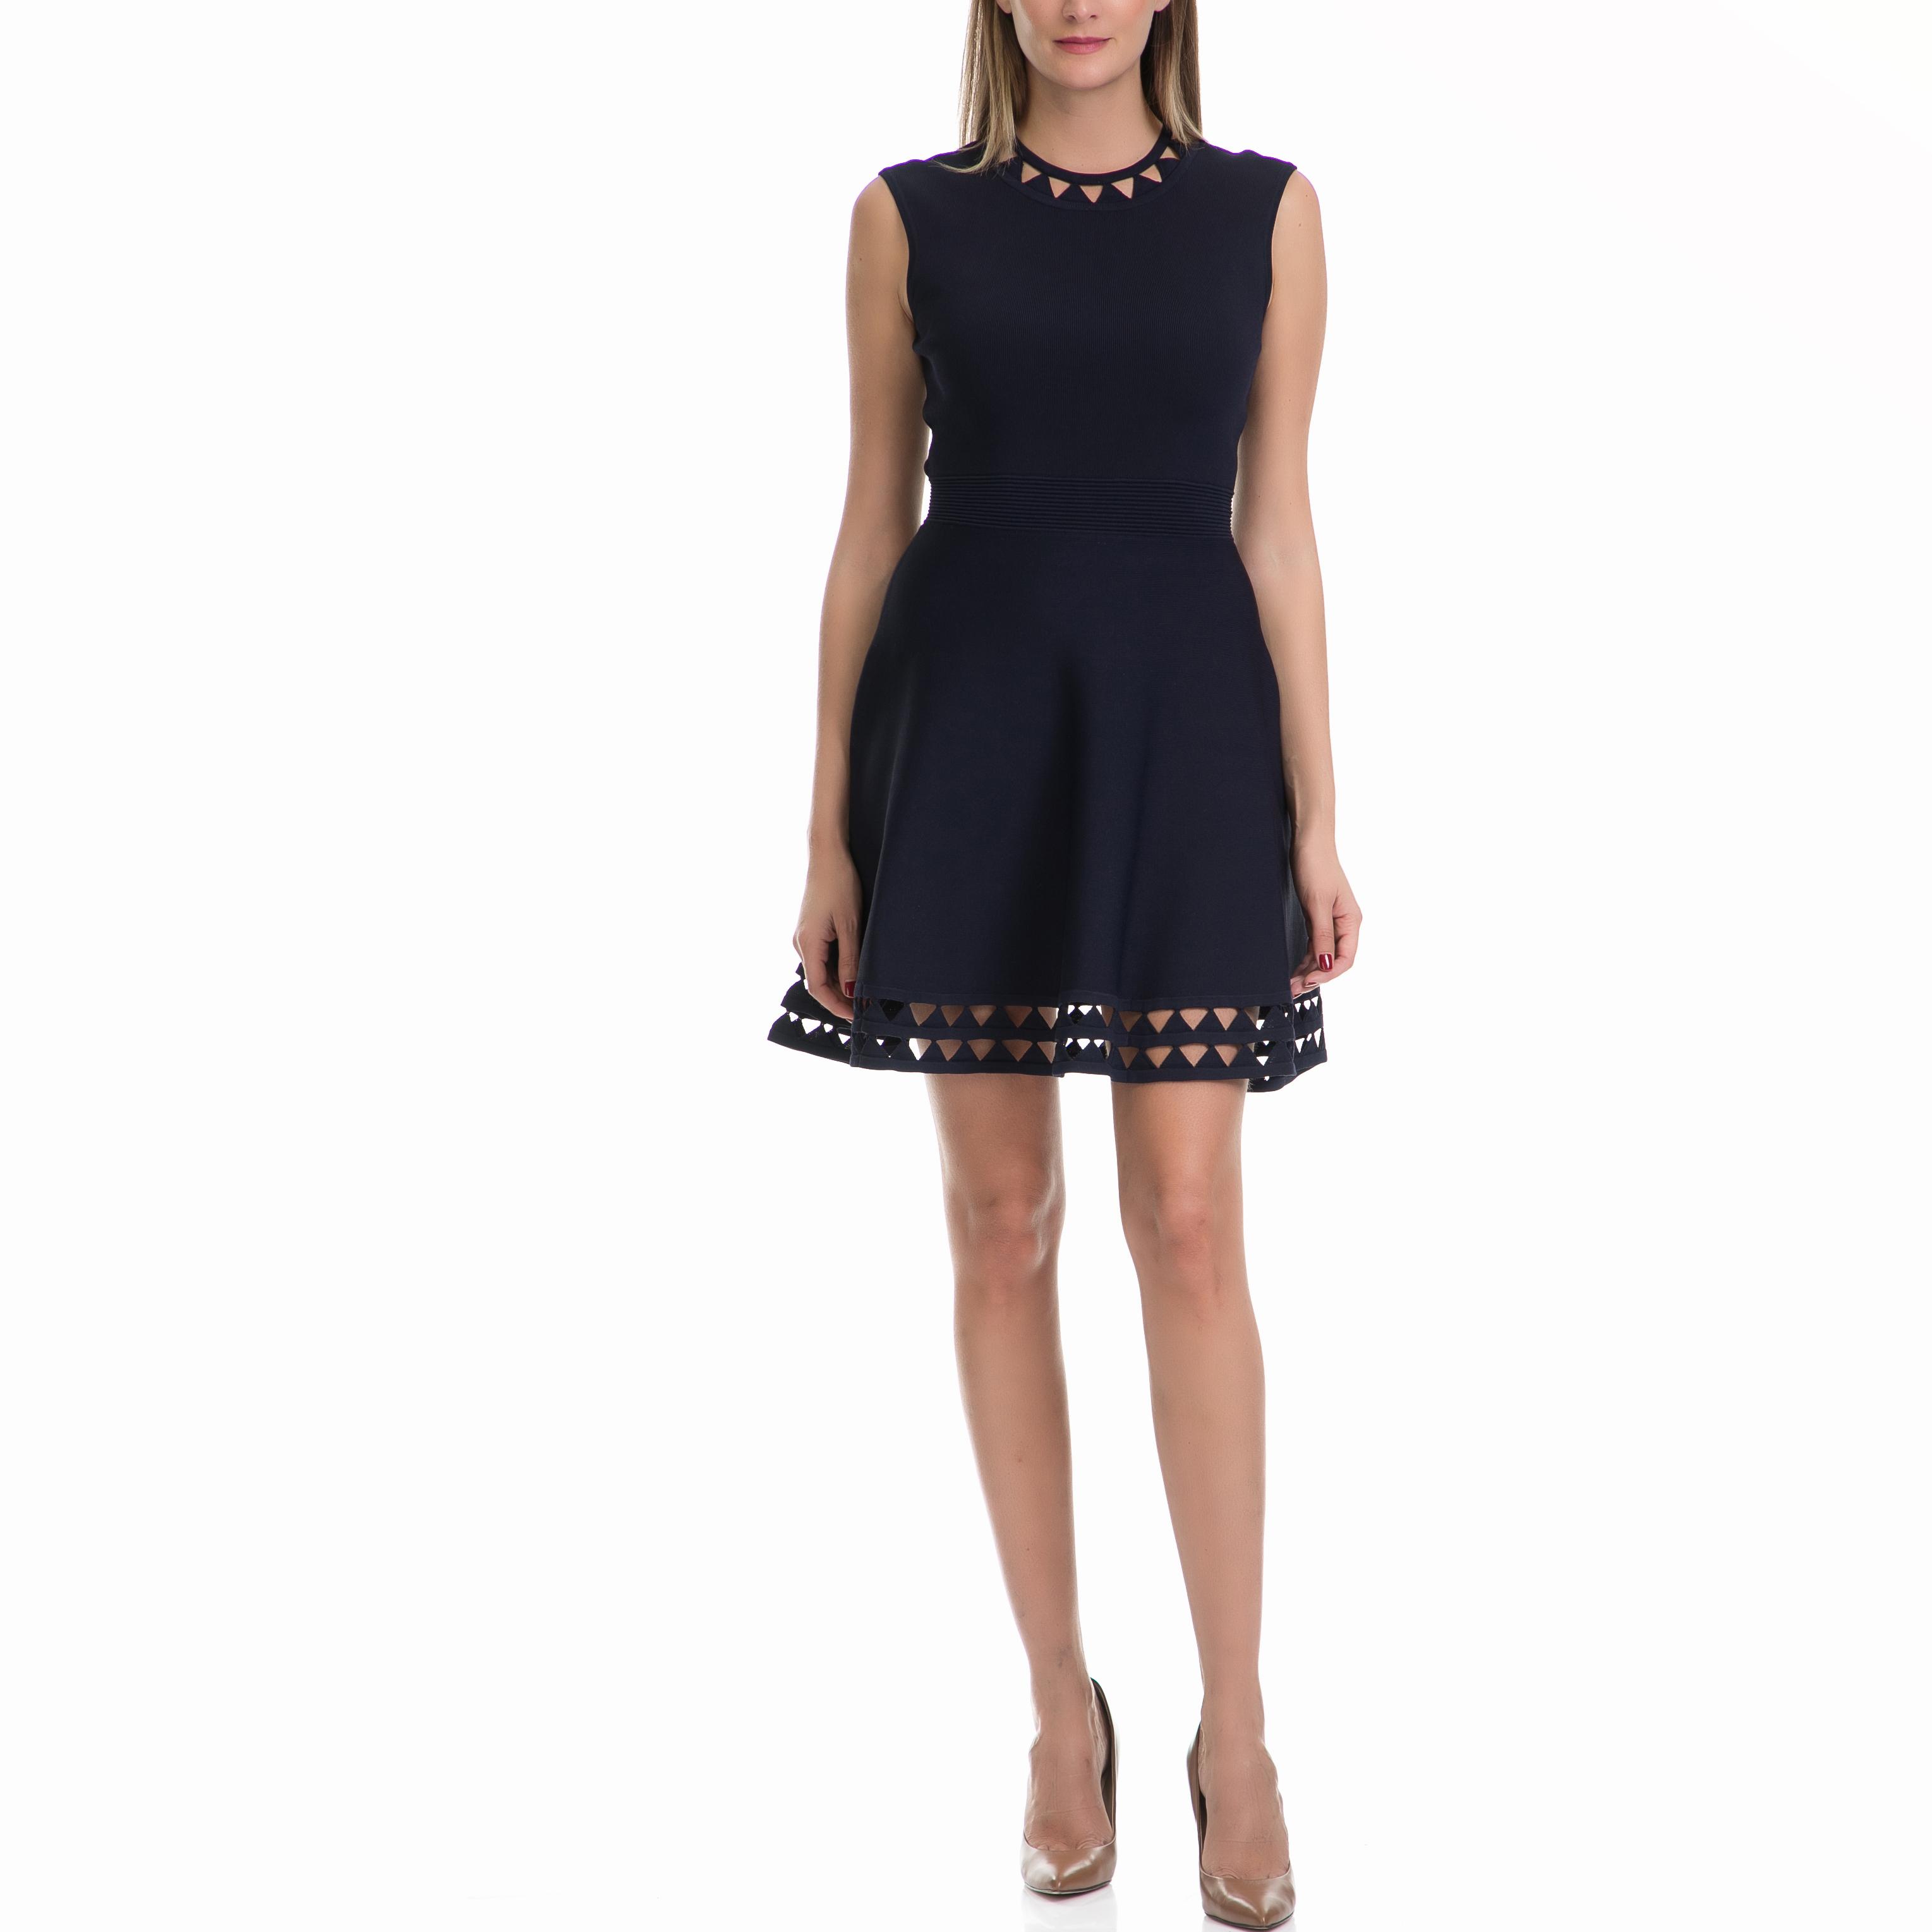 TED BAKER - Γυναικείο φόρεμα KATHRYN TED BAKER μπλε γυναικεία ρούχα φορέματα μίνι